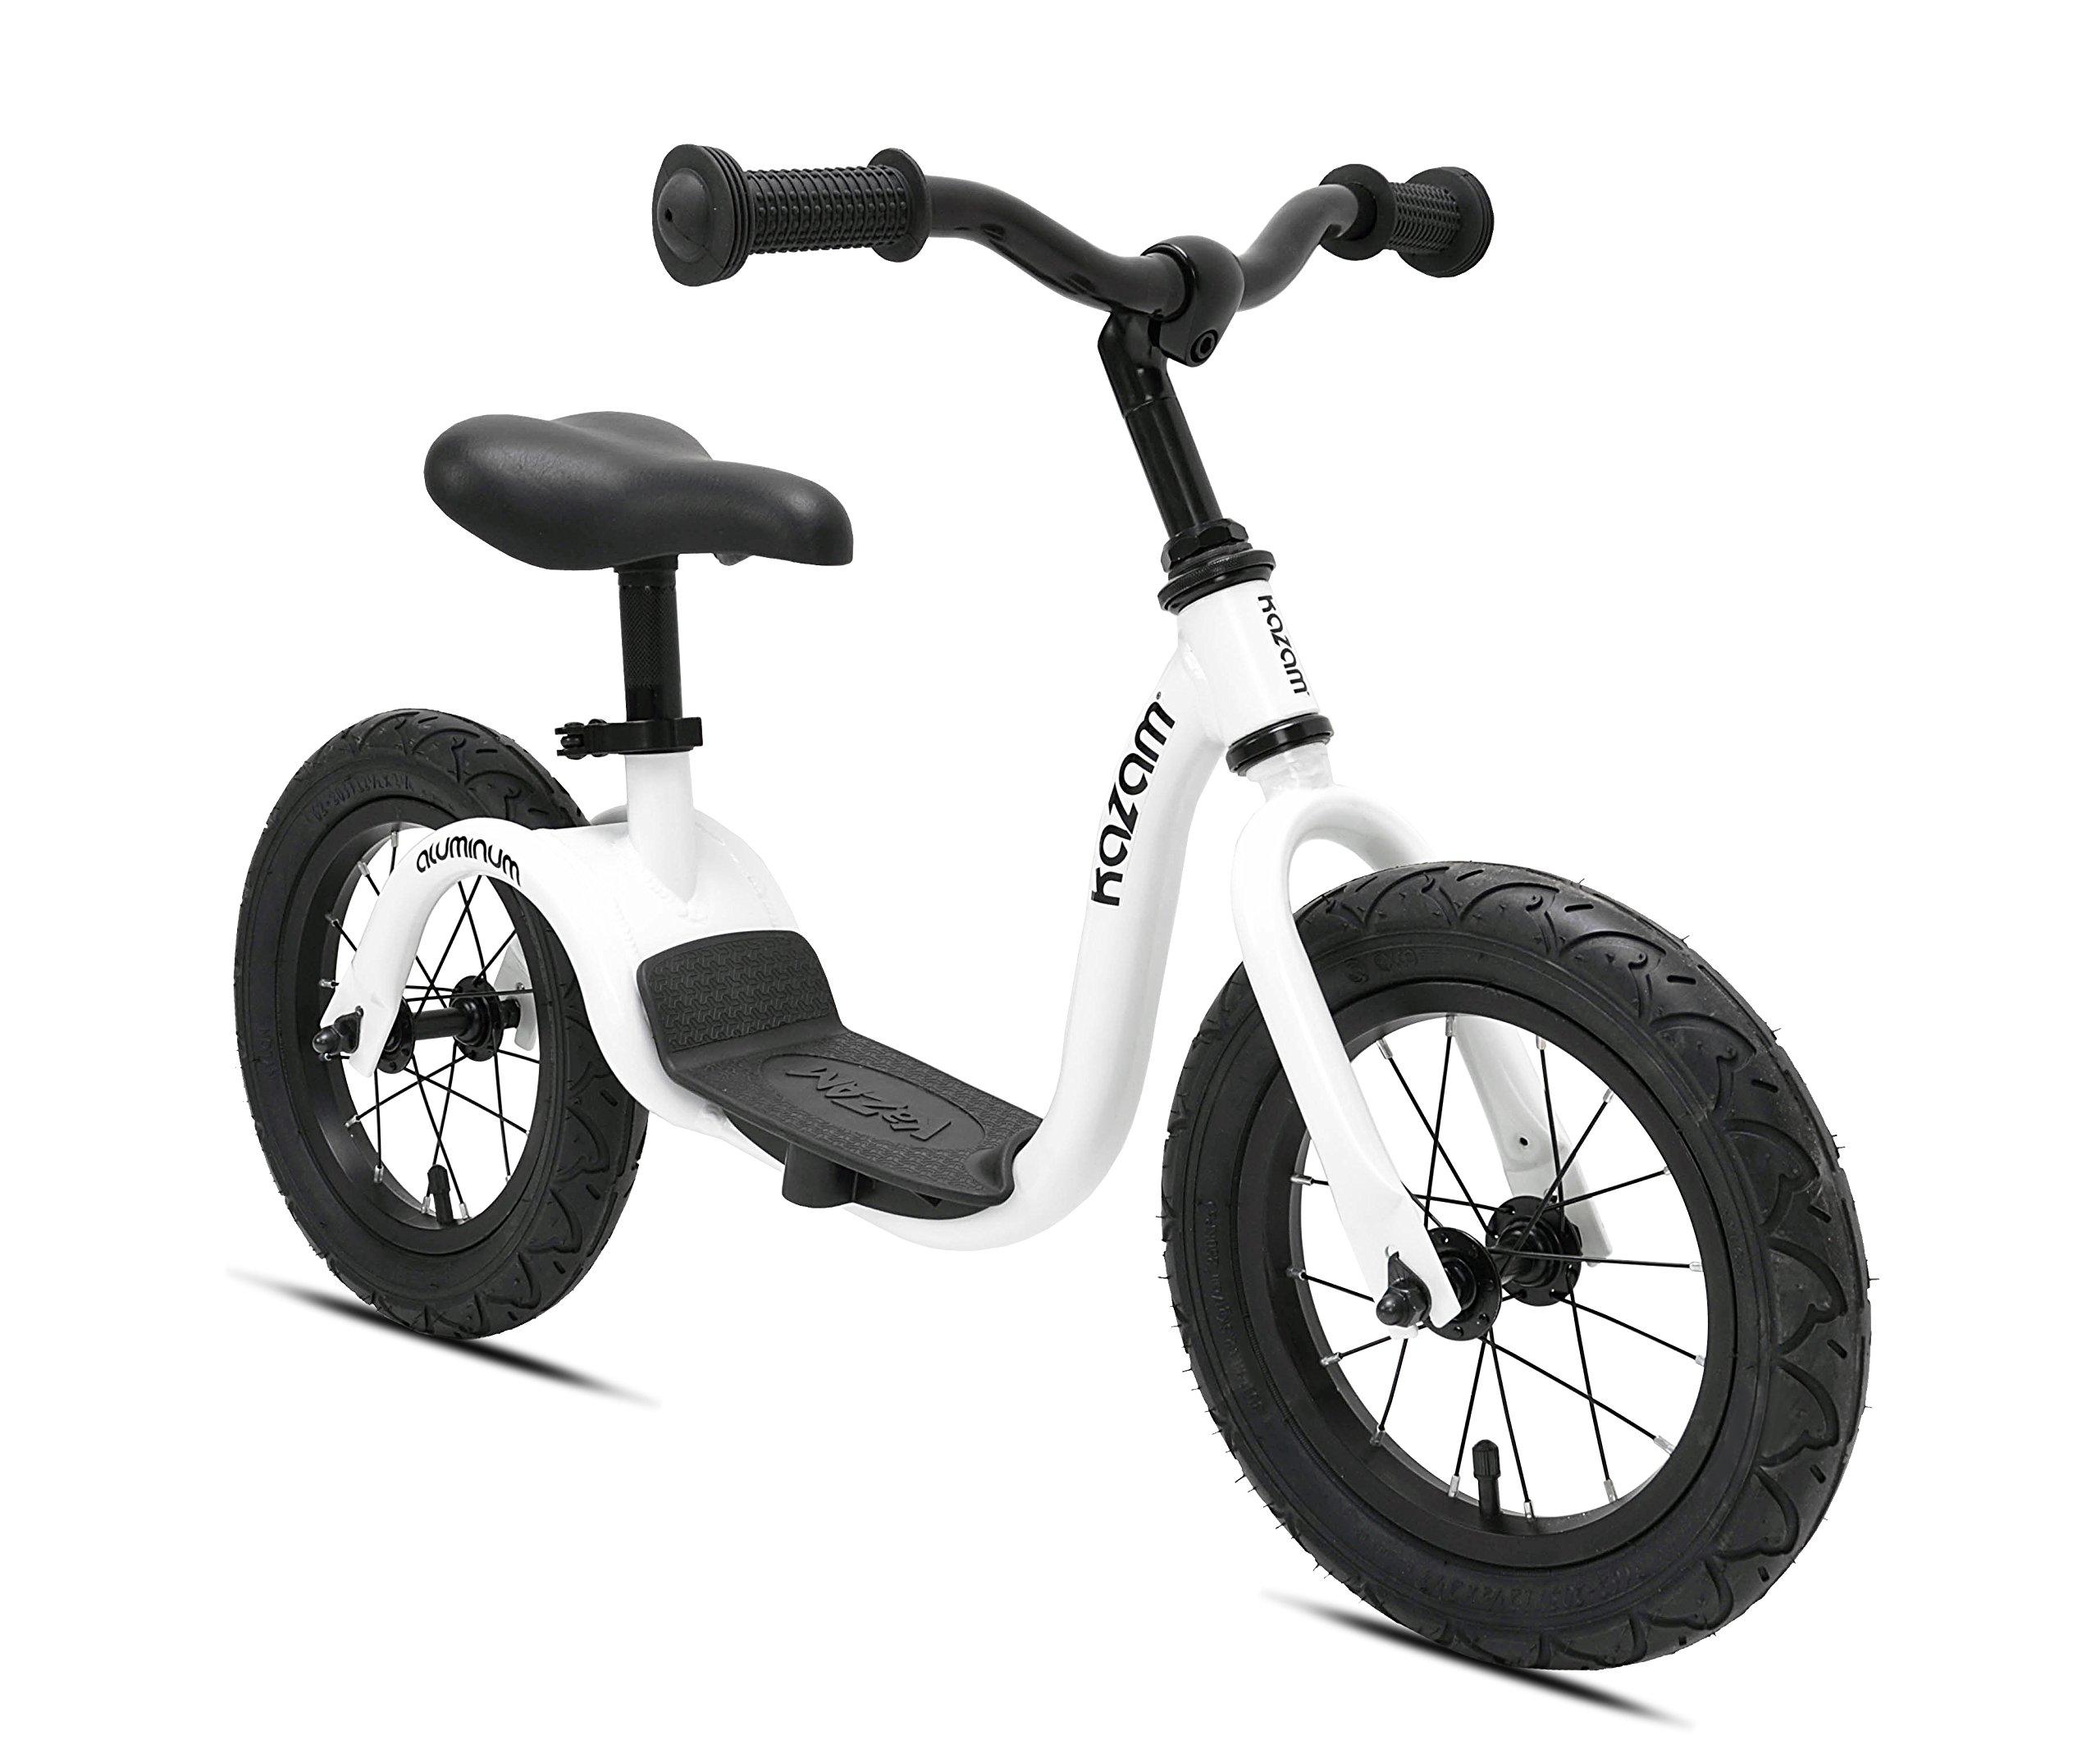 KaZAM Alloy No Pedal Balance Bike, Pearl White, 12''